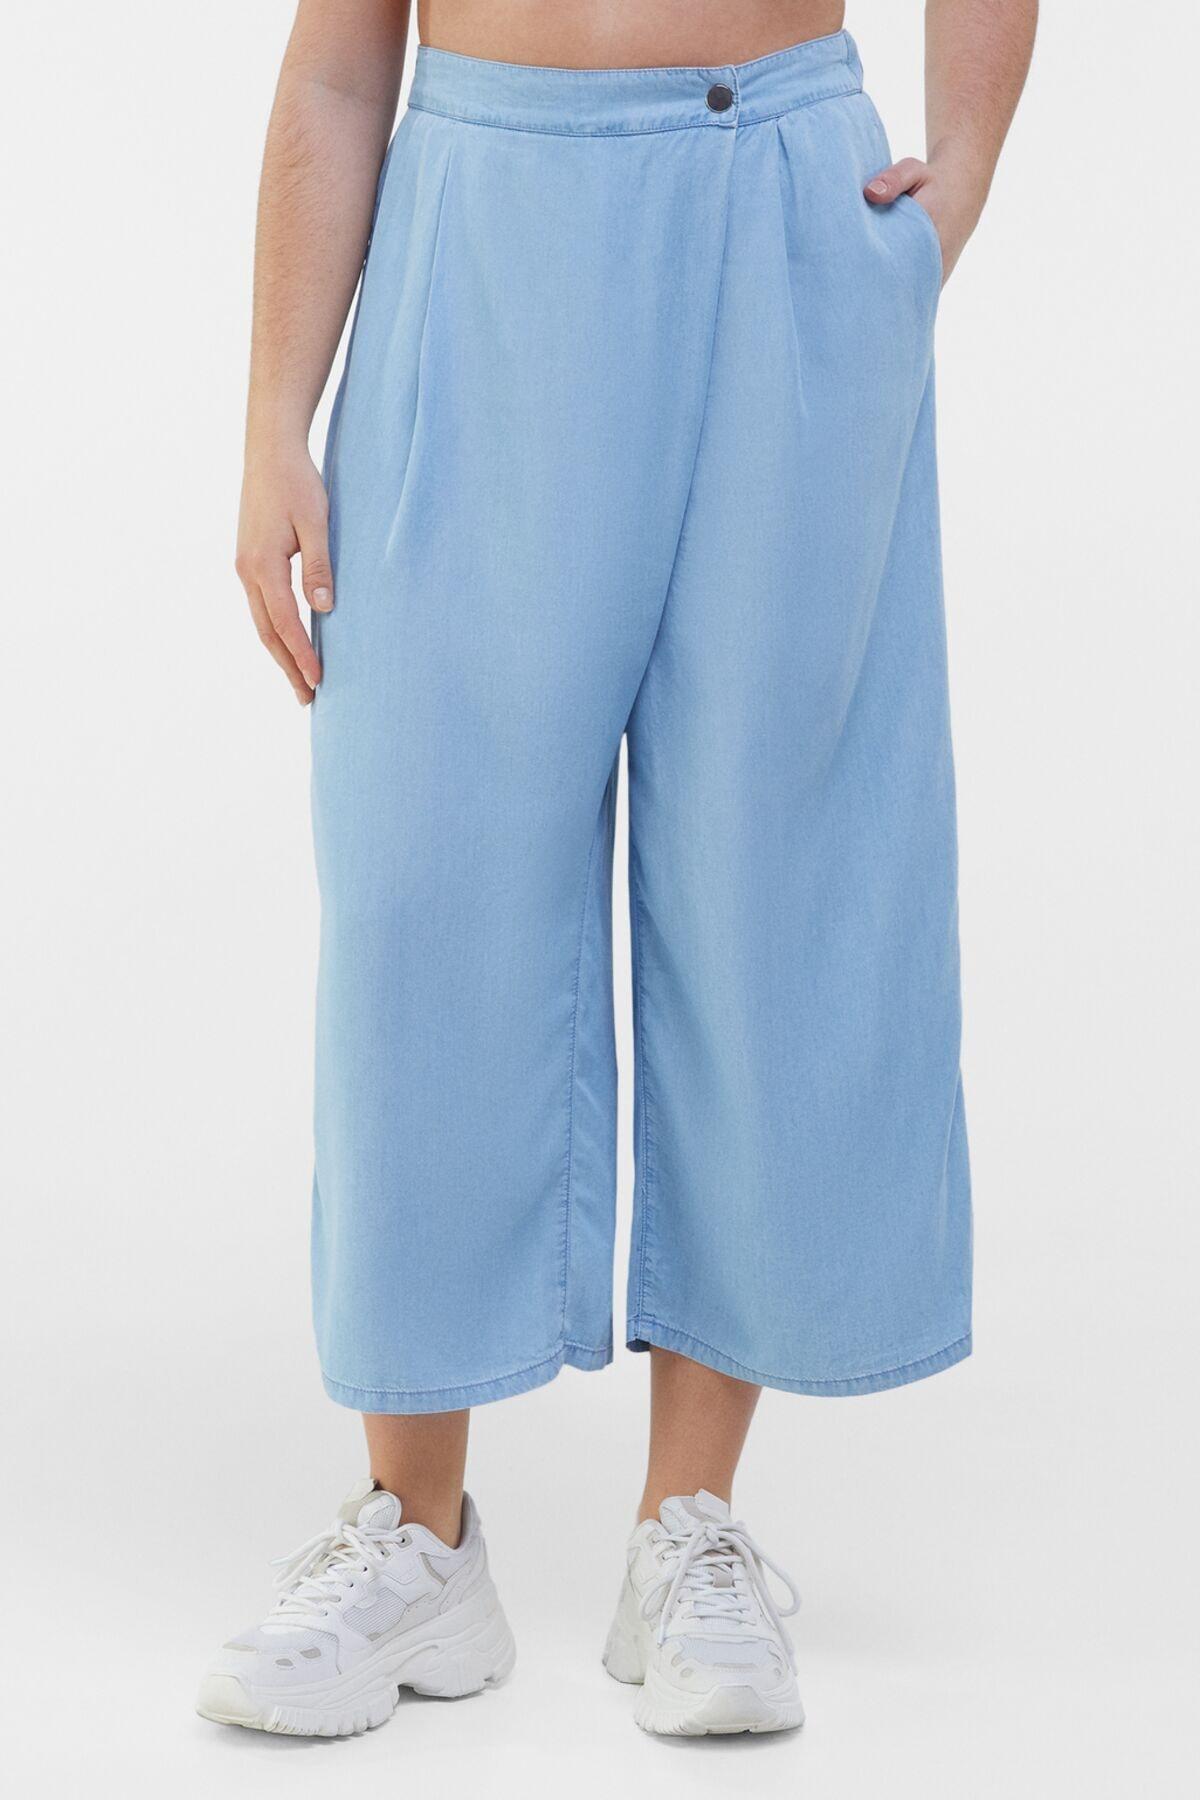 Bershka Kadın Açık Mavi Liyosel Culotte Jean 00071847